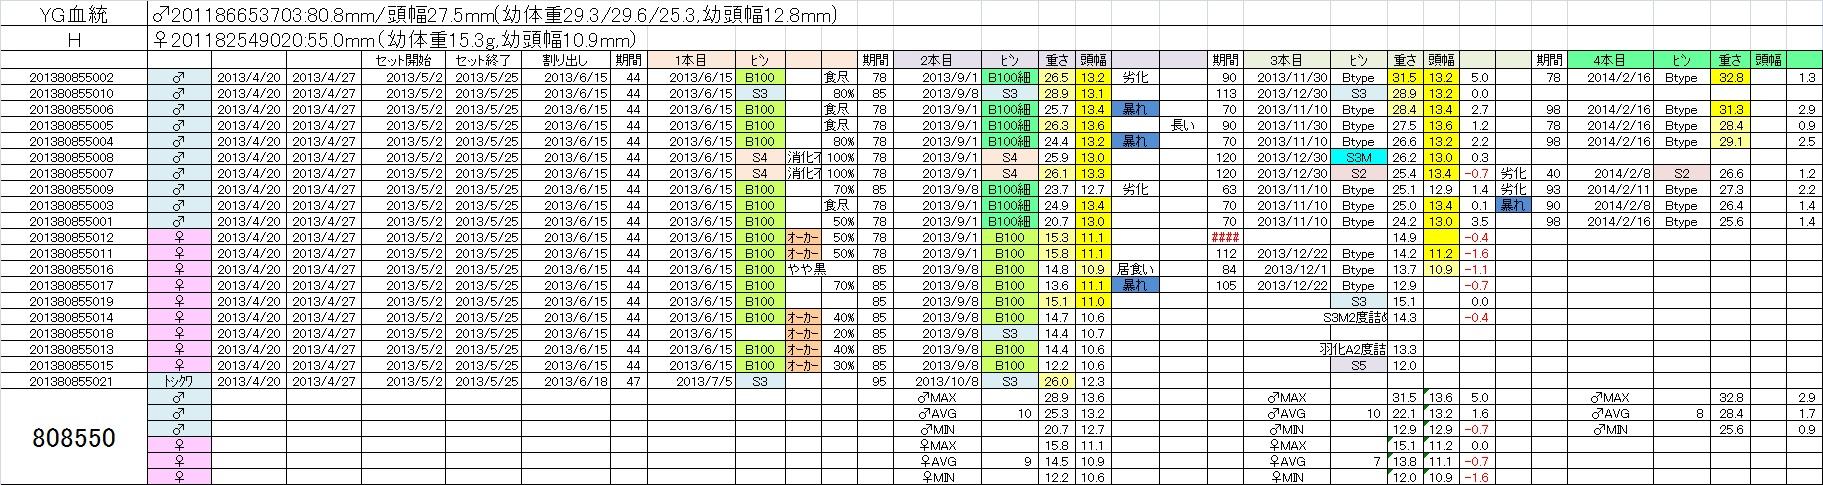 2013808550 4本目